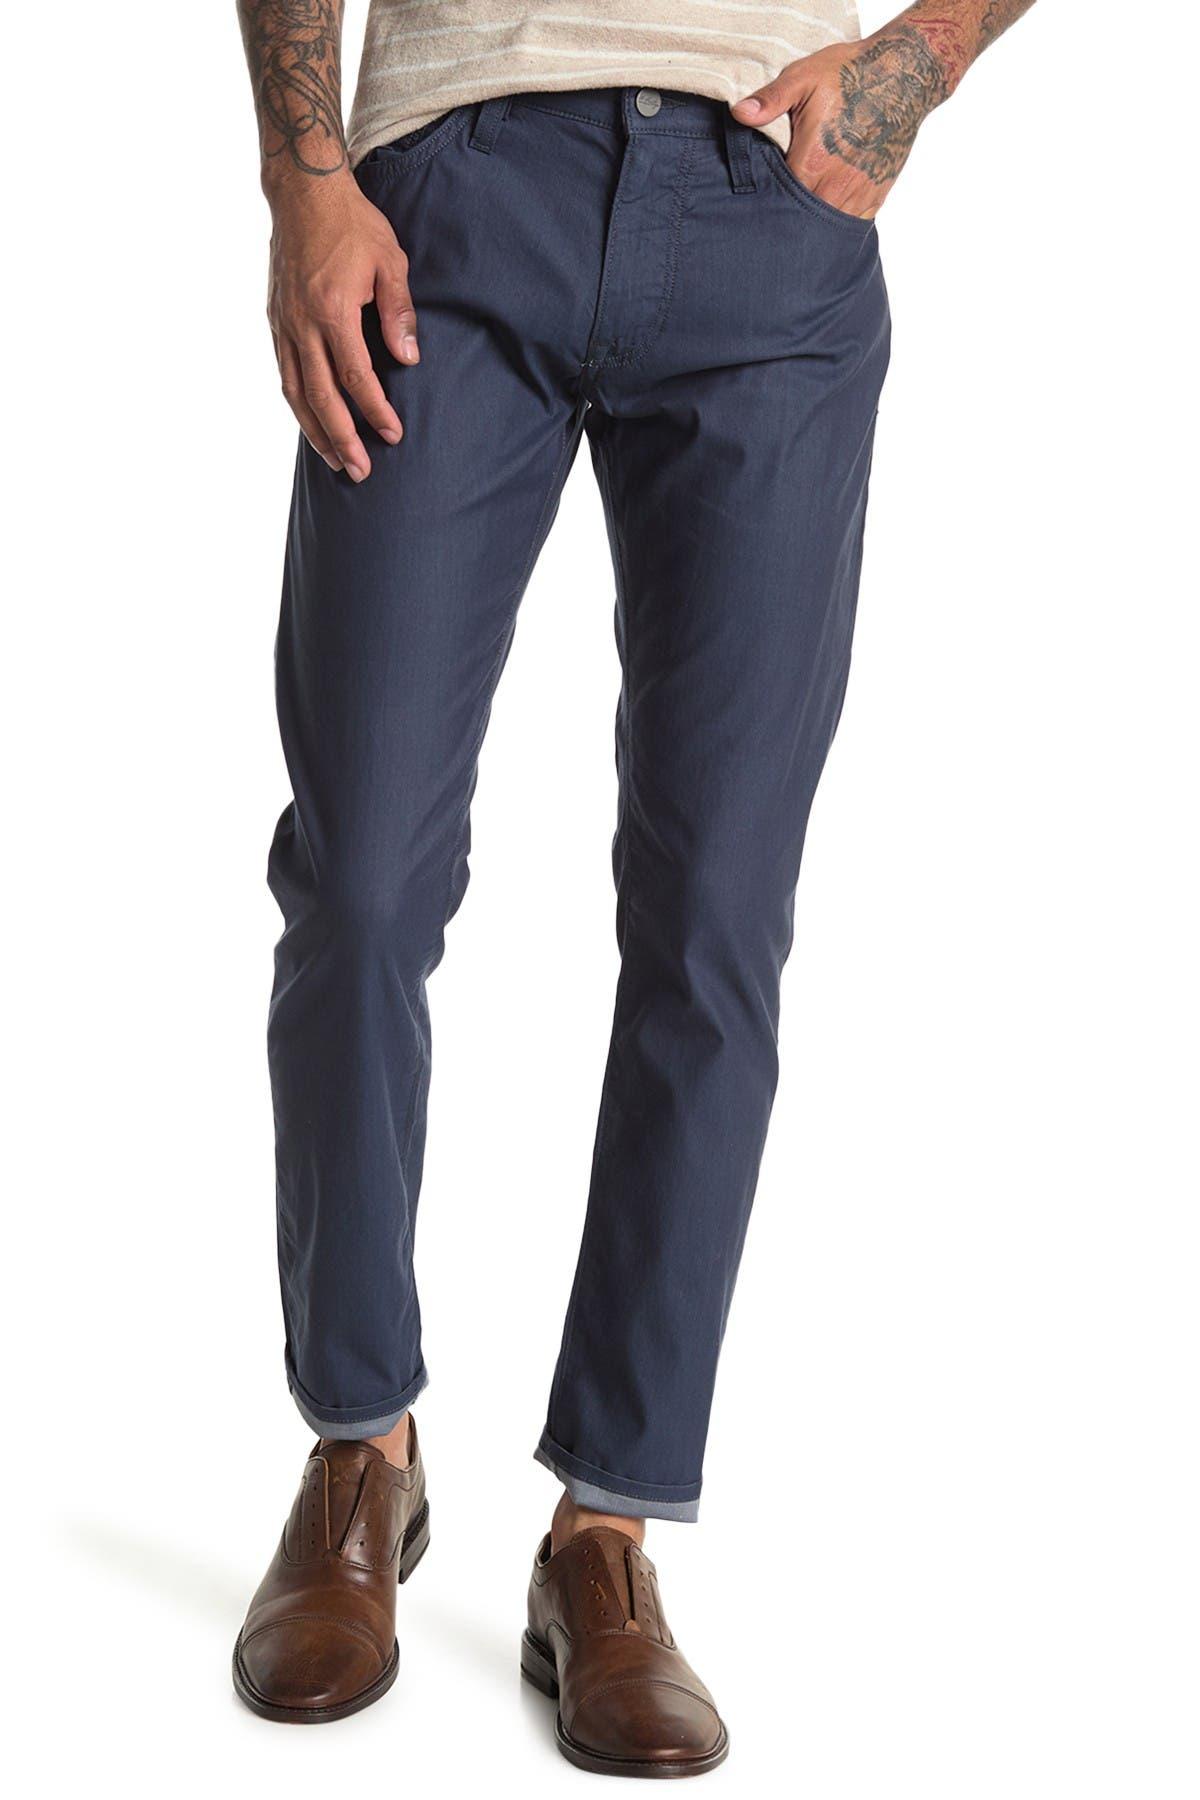 Image of 34 Heritage 34 Cool Marine Reversed Twill Pants